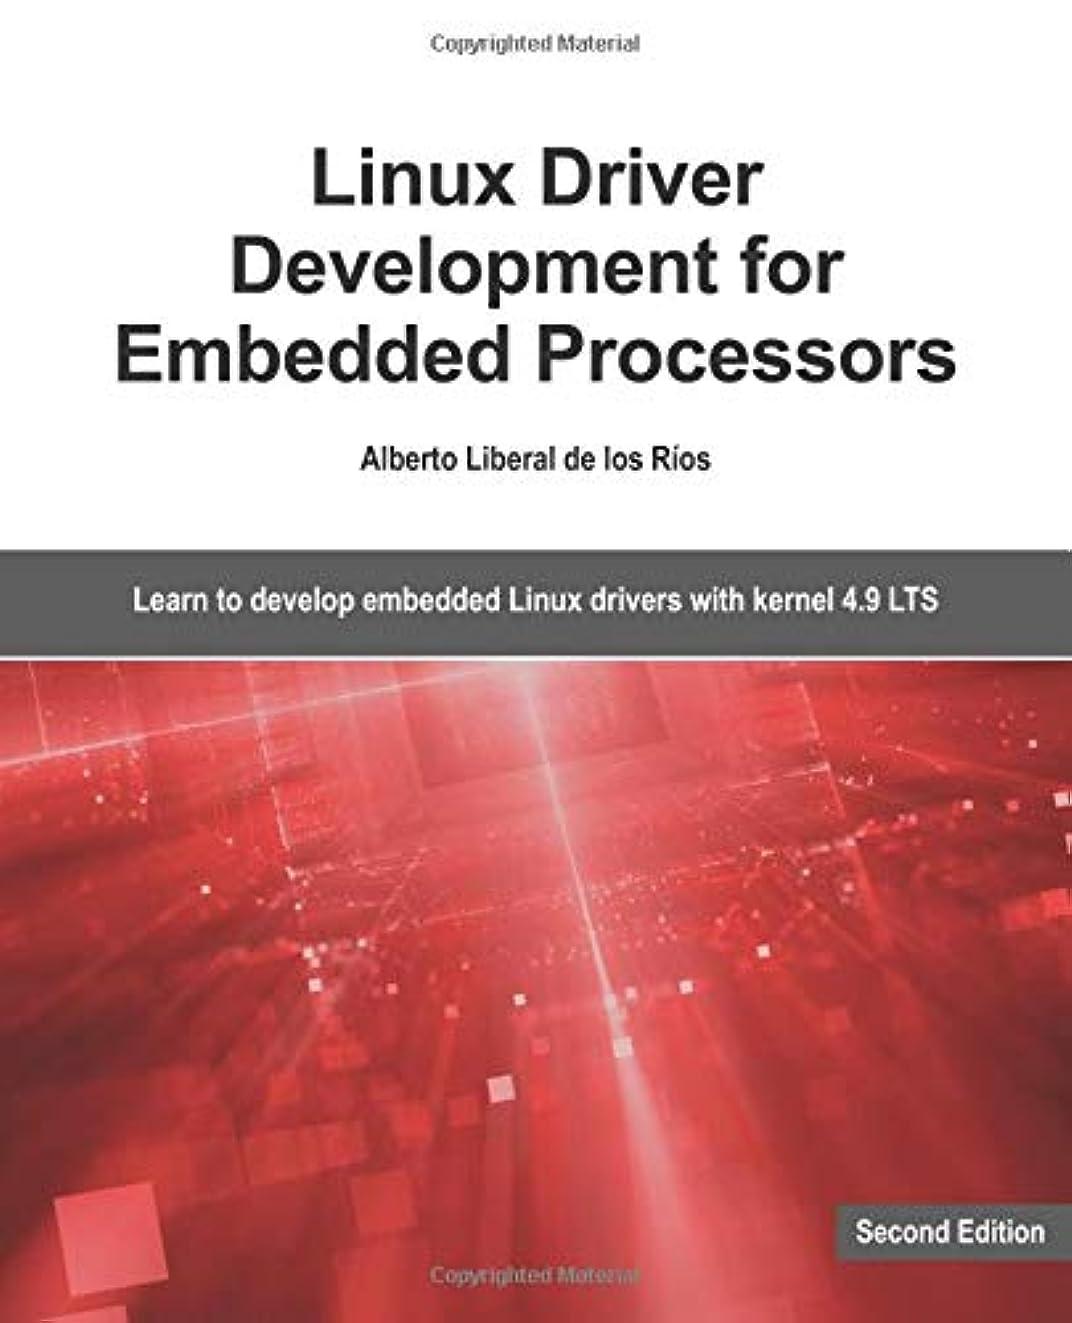 孤独な剥離大惨事Linux Driver Development for Embedded Processors - Second Edition: Learn to develop Linux embedded drivers with kernel 4.9 LTS